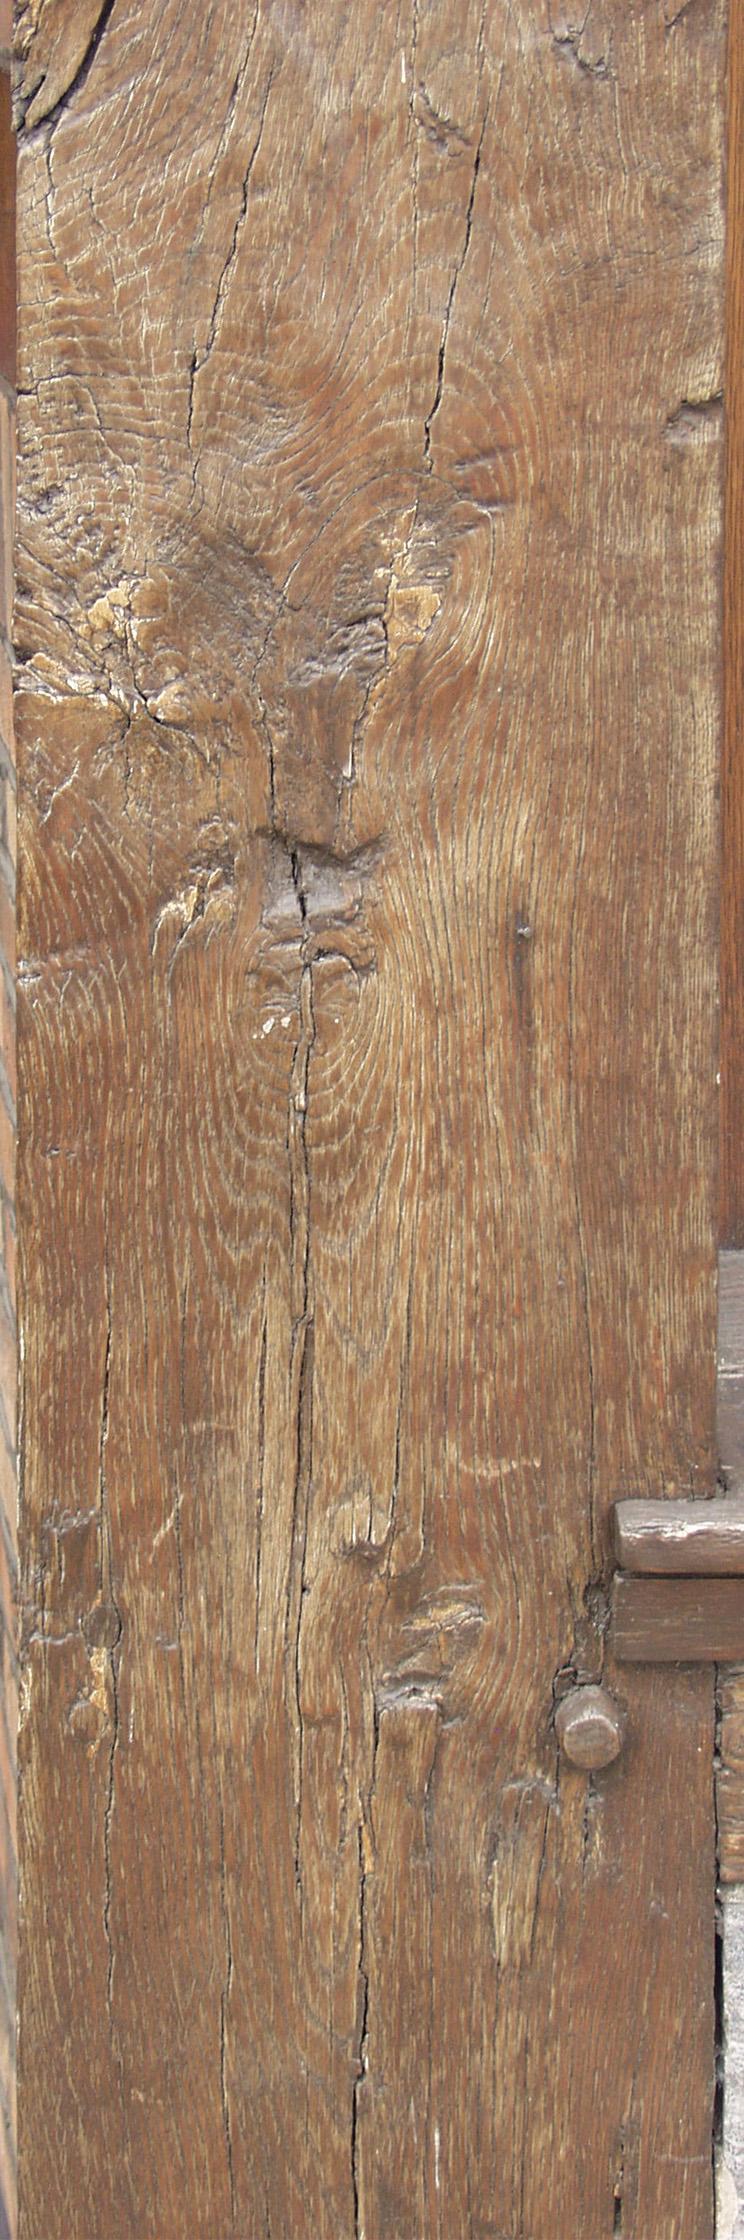 木材-残旧木(24)高清贴图【ID:736653836】